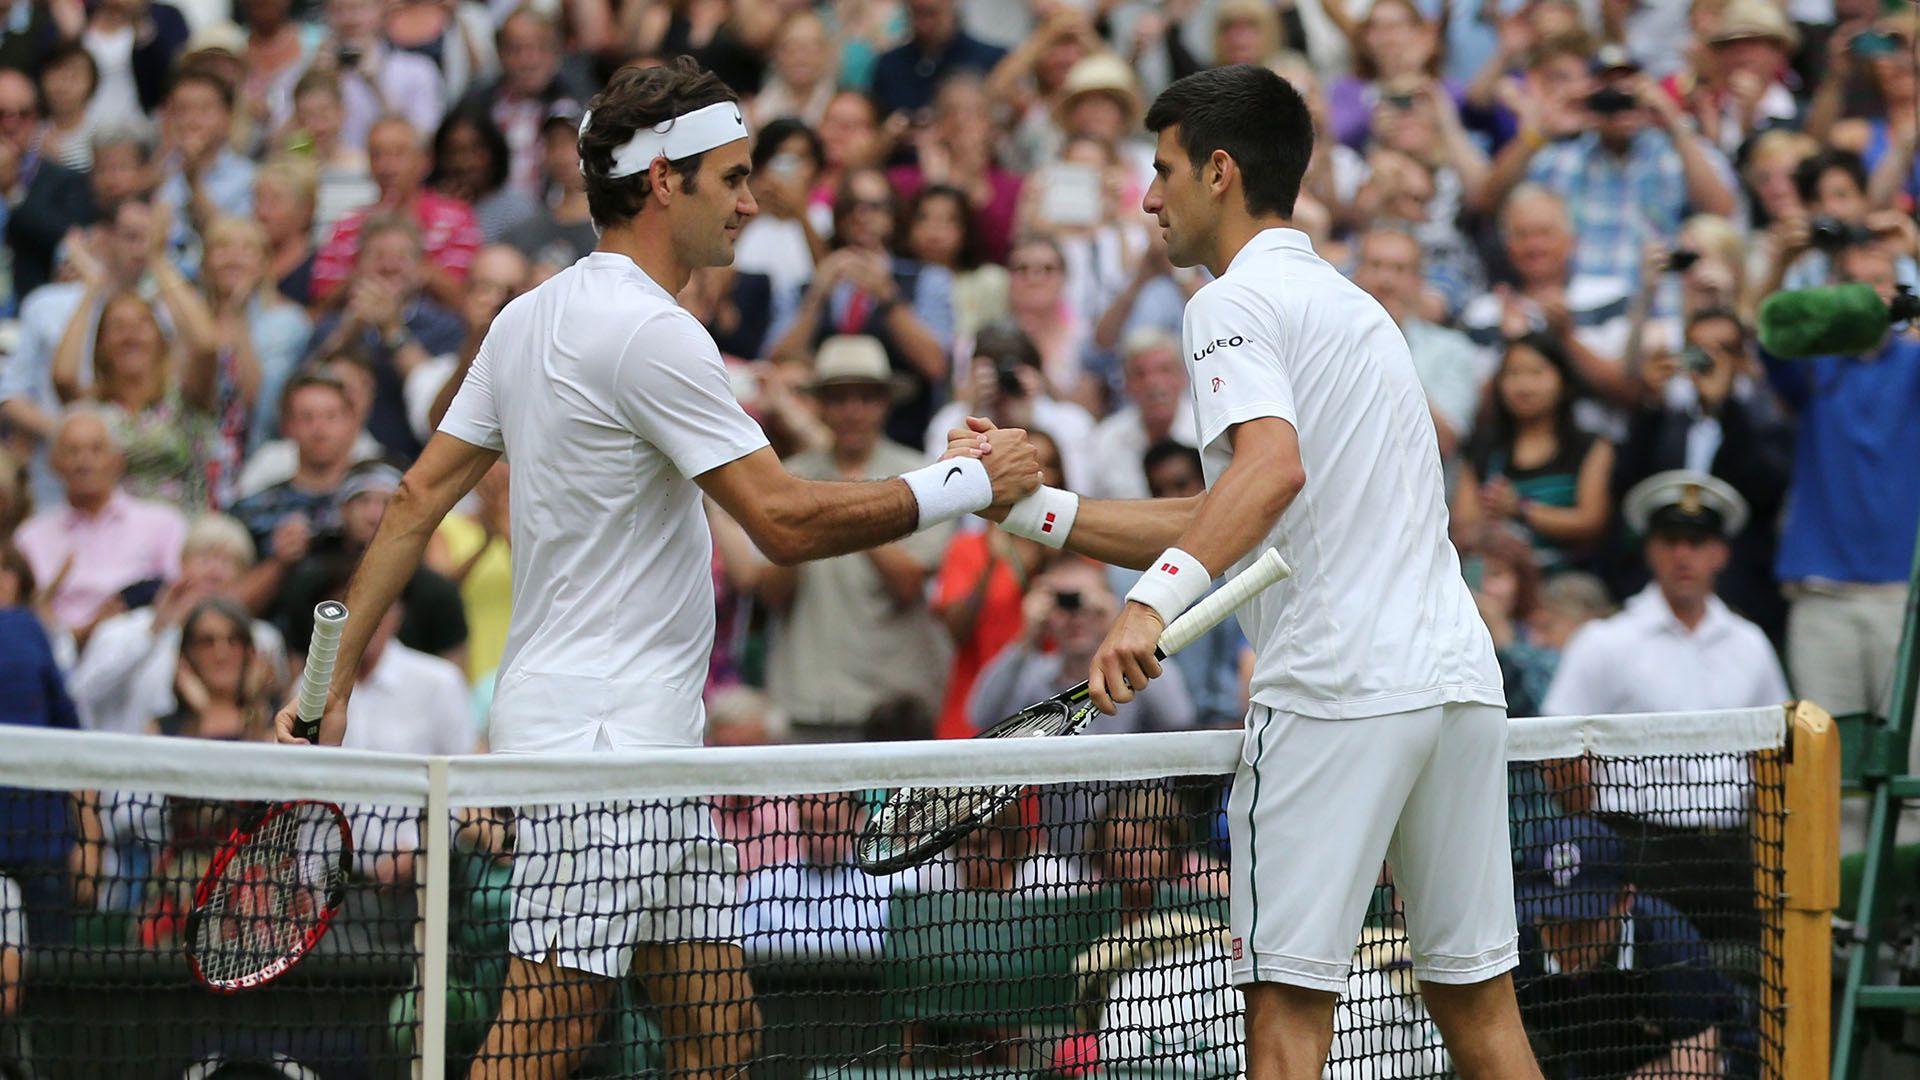 Novak Djokovic le da la mano a Roger Federer después de ganar la final de Wimbledon 2015 (Foto: by BPI/Shutterstock)